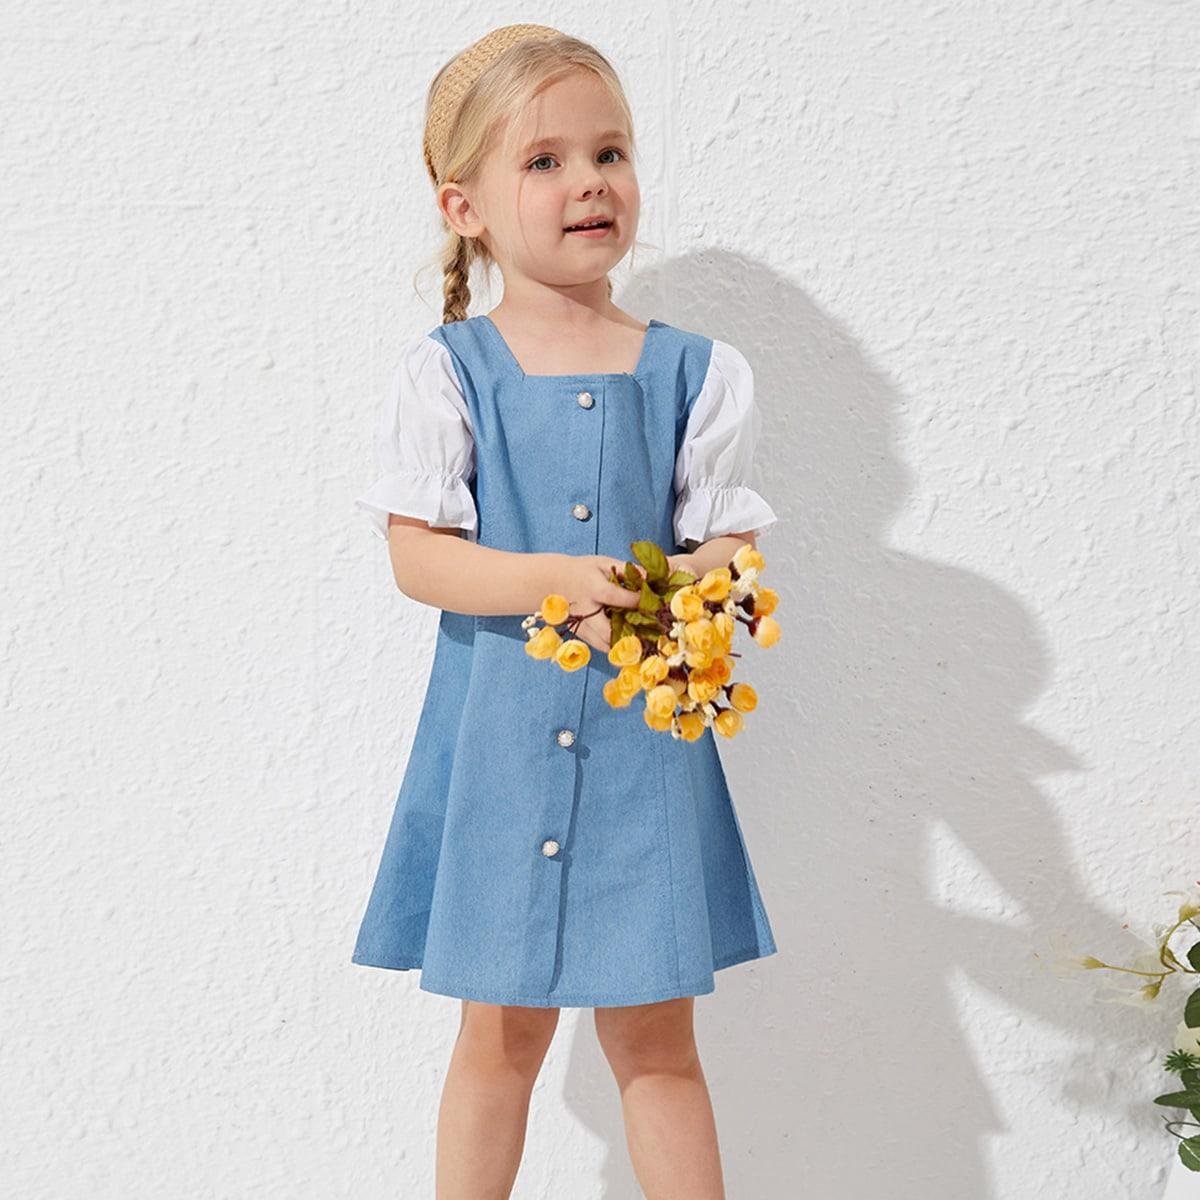 Для девочек джинсовое платье контрастный с рукавами-воланами на пуговицах